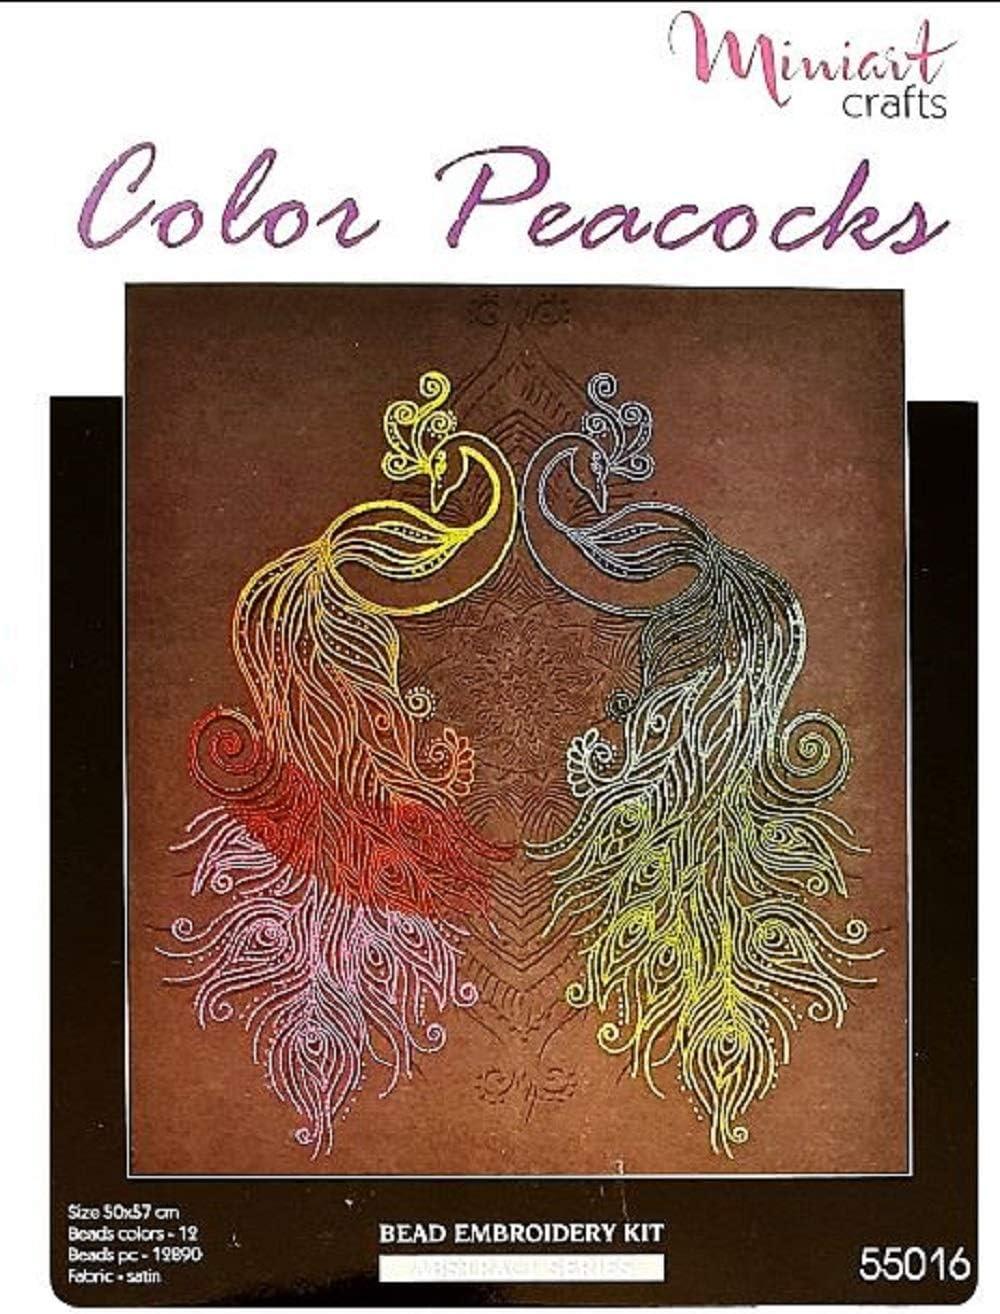 mehrfarbig 40 x 30 cm Miniart Crafts Perlenstickerei-Set